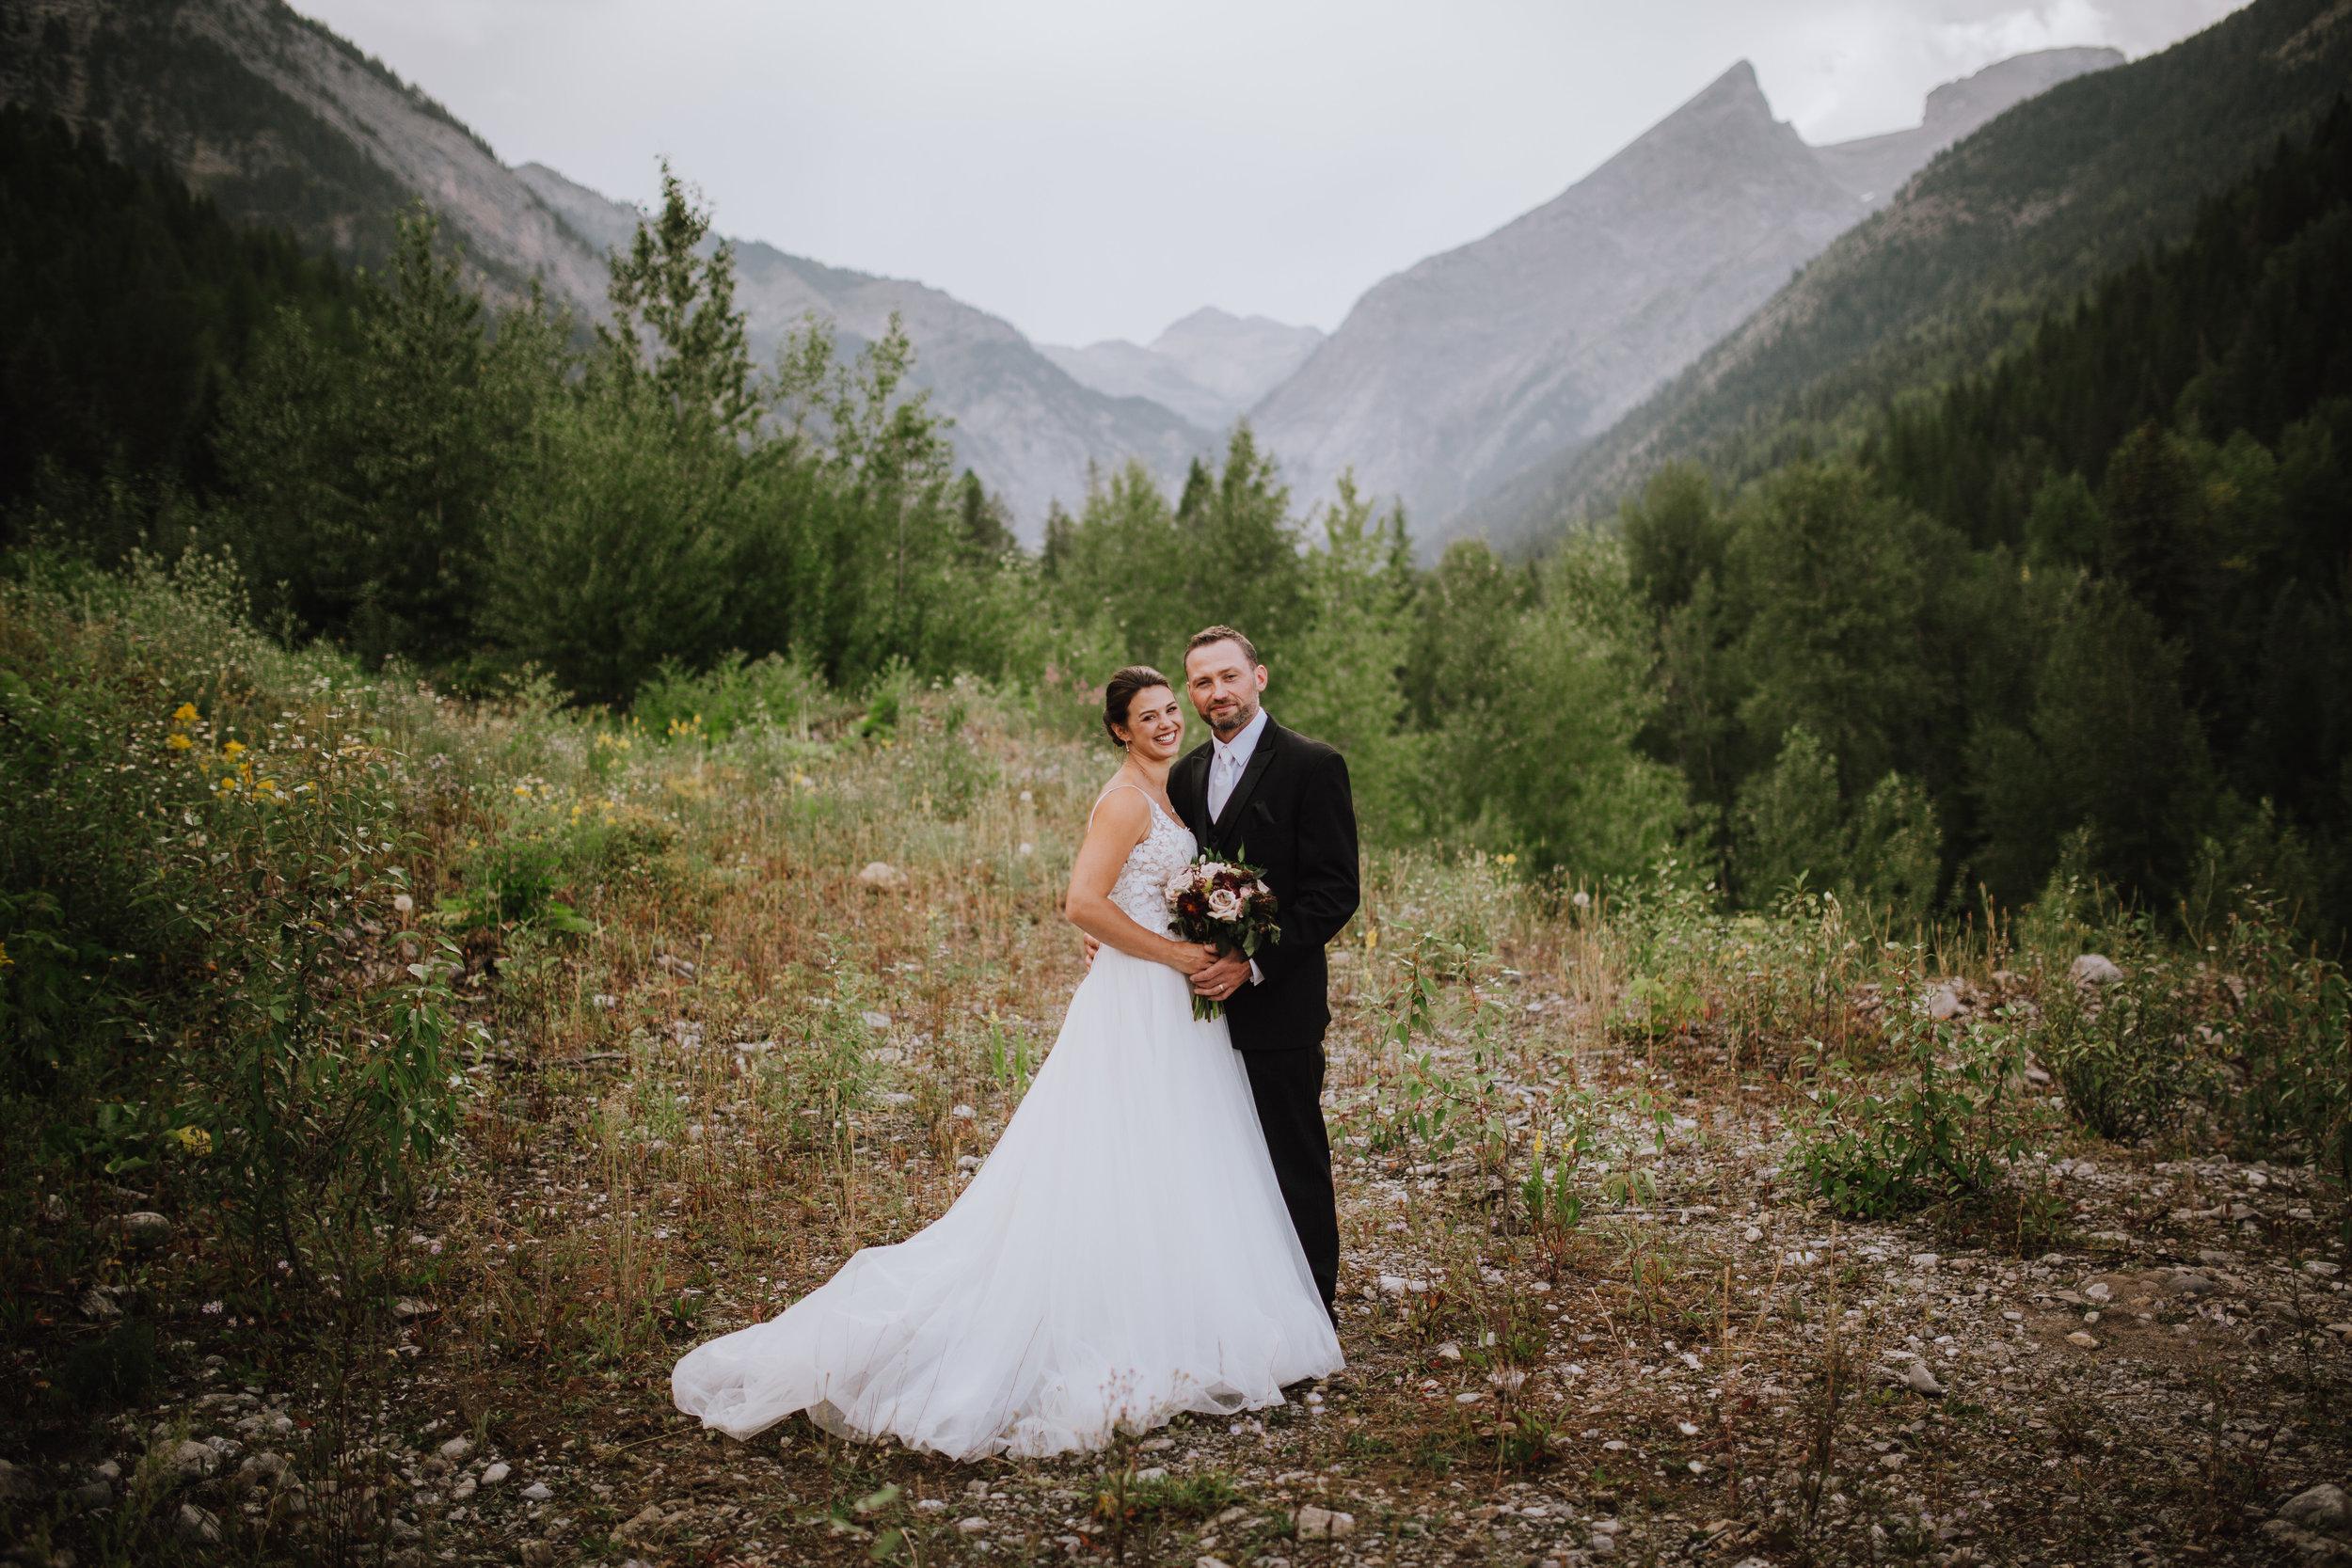 Sam + Jenna 4 - Bridal Portraits-92.jpg